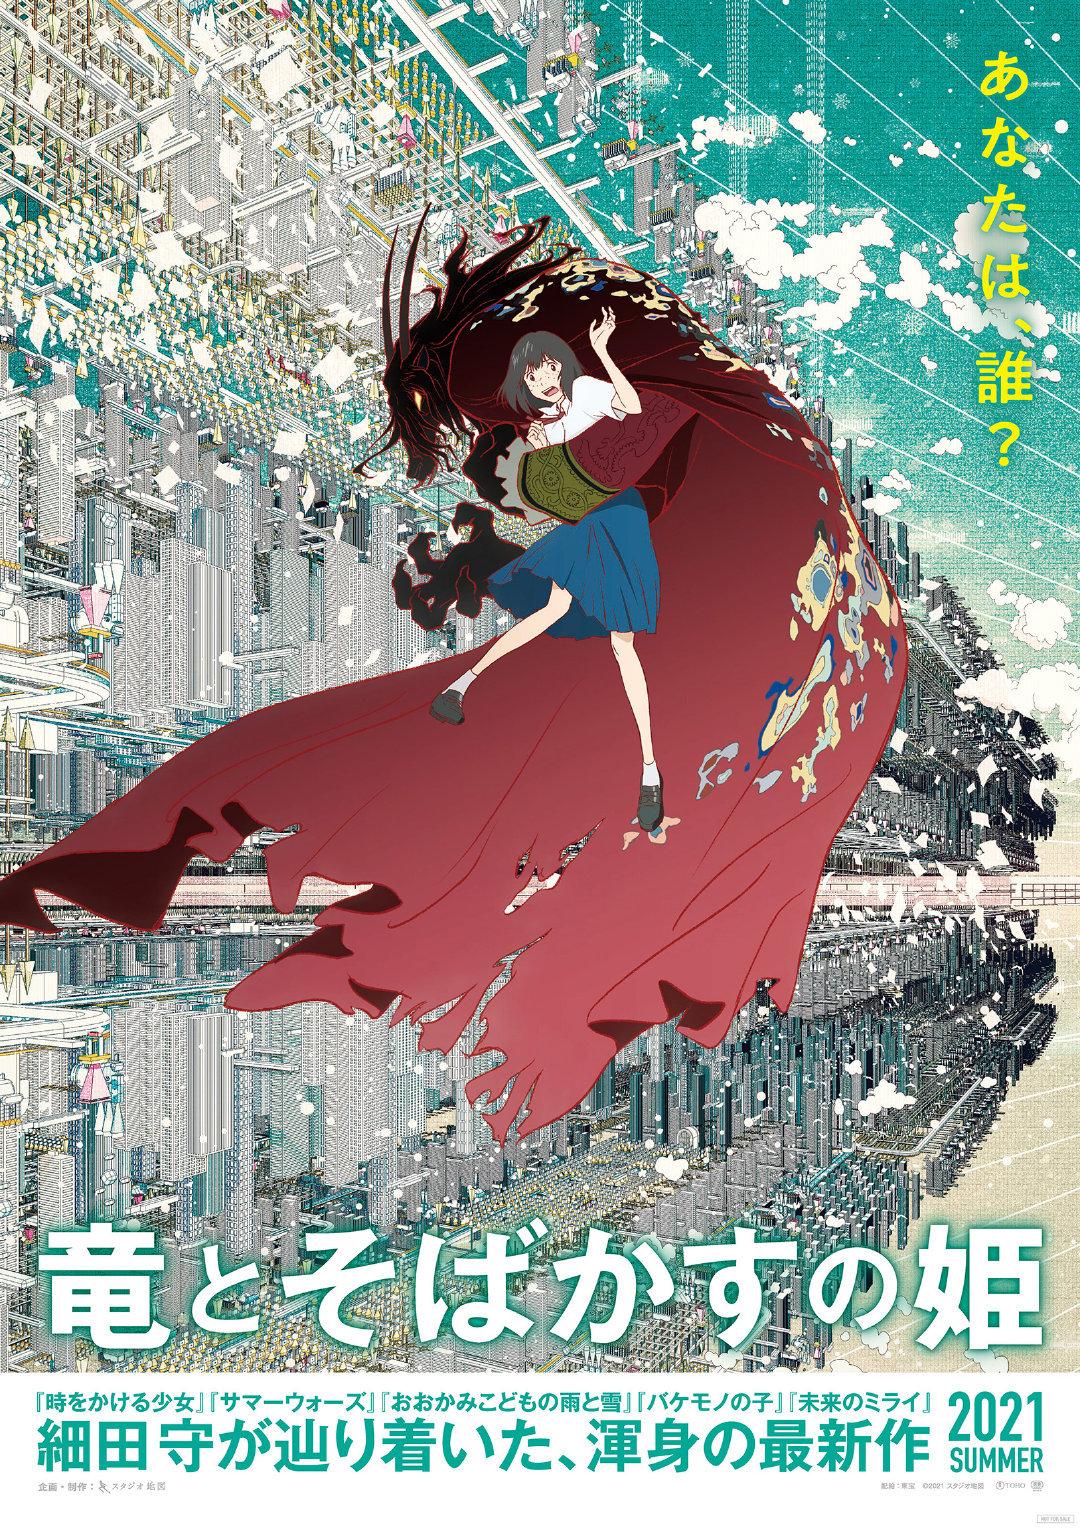 【动漫情报】细田守新作剧场版《龙与雀斑公主》特报PV公开,2021年夏季上映